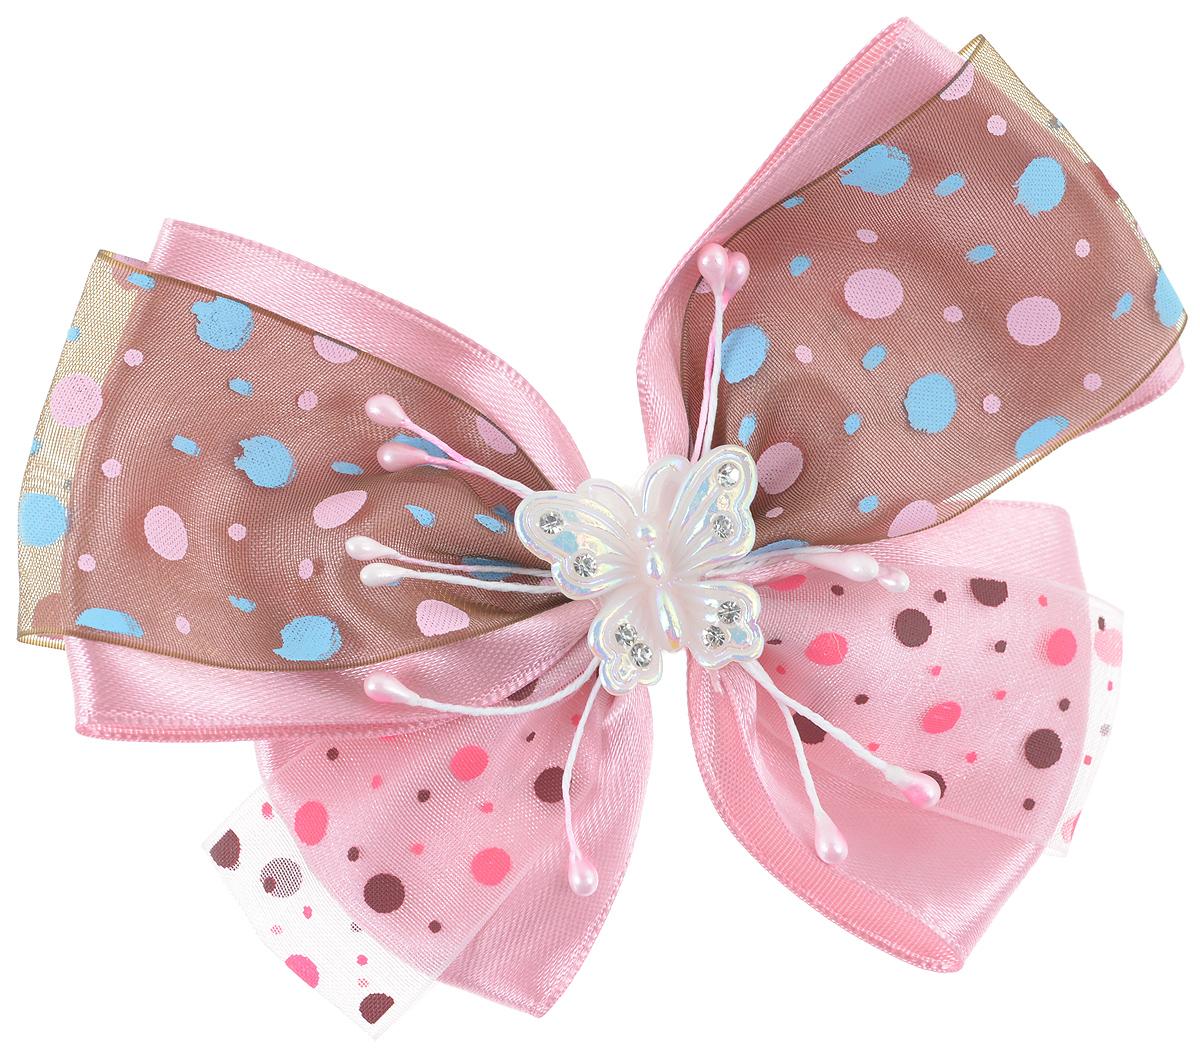 Резинка для волос Babys Joy, цвет: розовый, коричневый. MN 122MN 122_розовый/коричневыйРезинка для волос Babys Joy изготовлена из текстиля и дополнена милым бантиком, который оформлен принтом горох и бабочкой из пластика, которая дополнена стразами. Резинка для волос Babys Joy надежно зафиксирует волосы и подчеркнет красоту прически вашей маленькой принцессы.